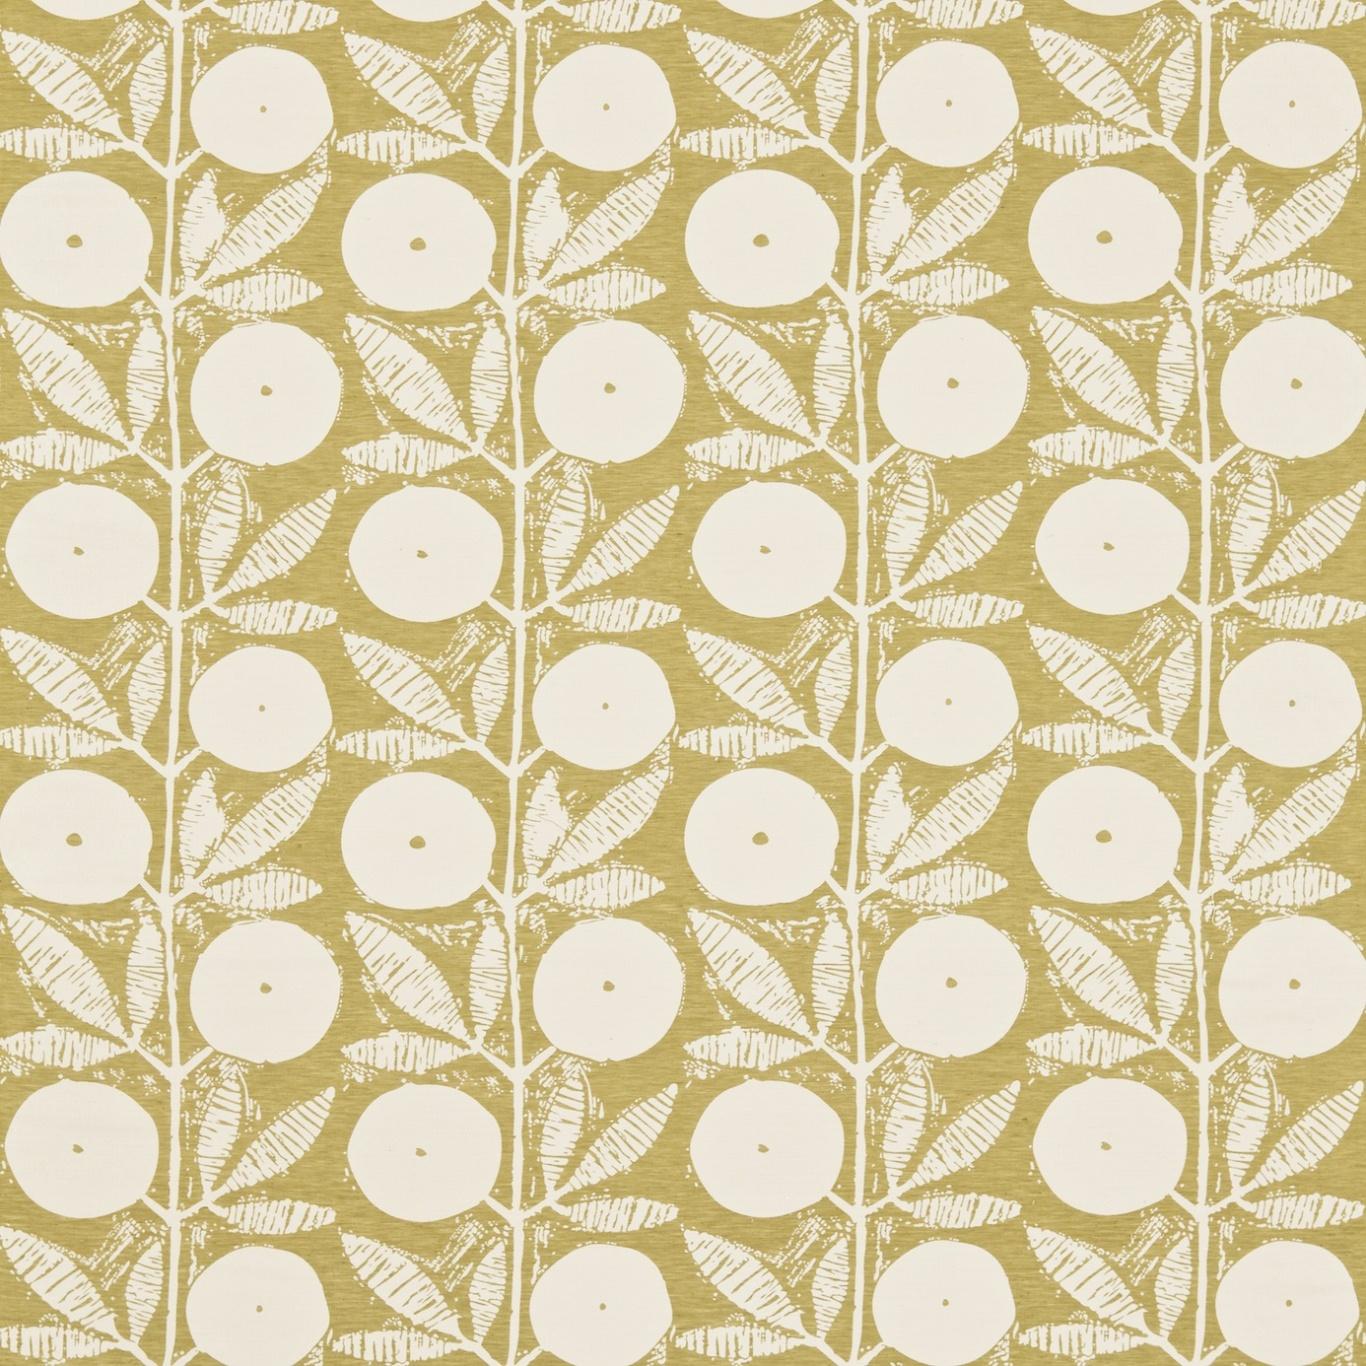 Image of Scion Somero Pistachio/Pumice Curtain Fabric 131537